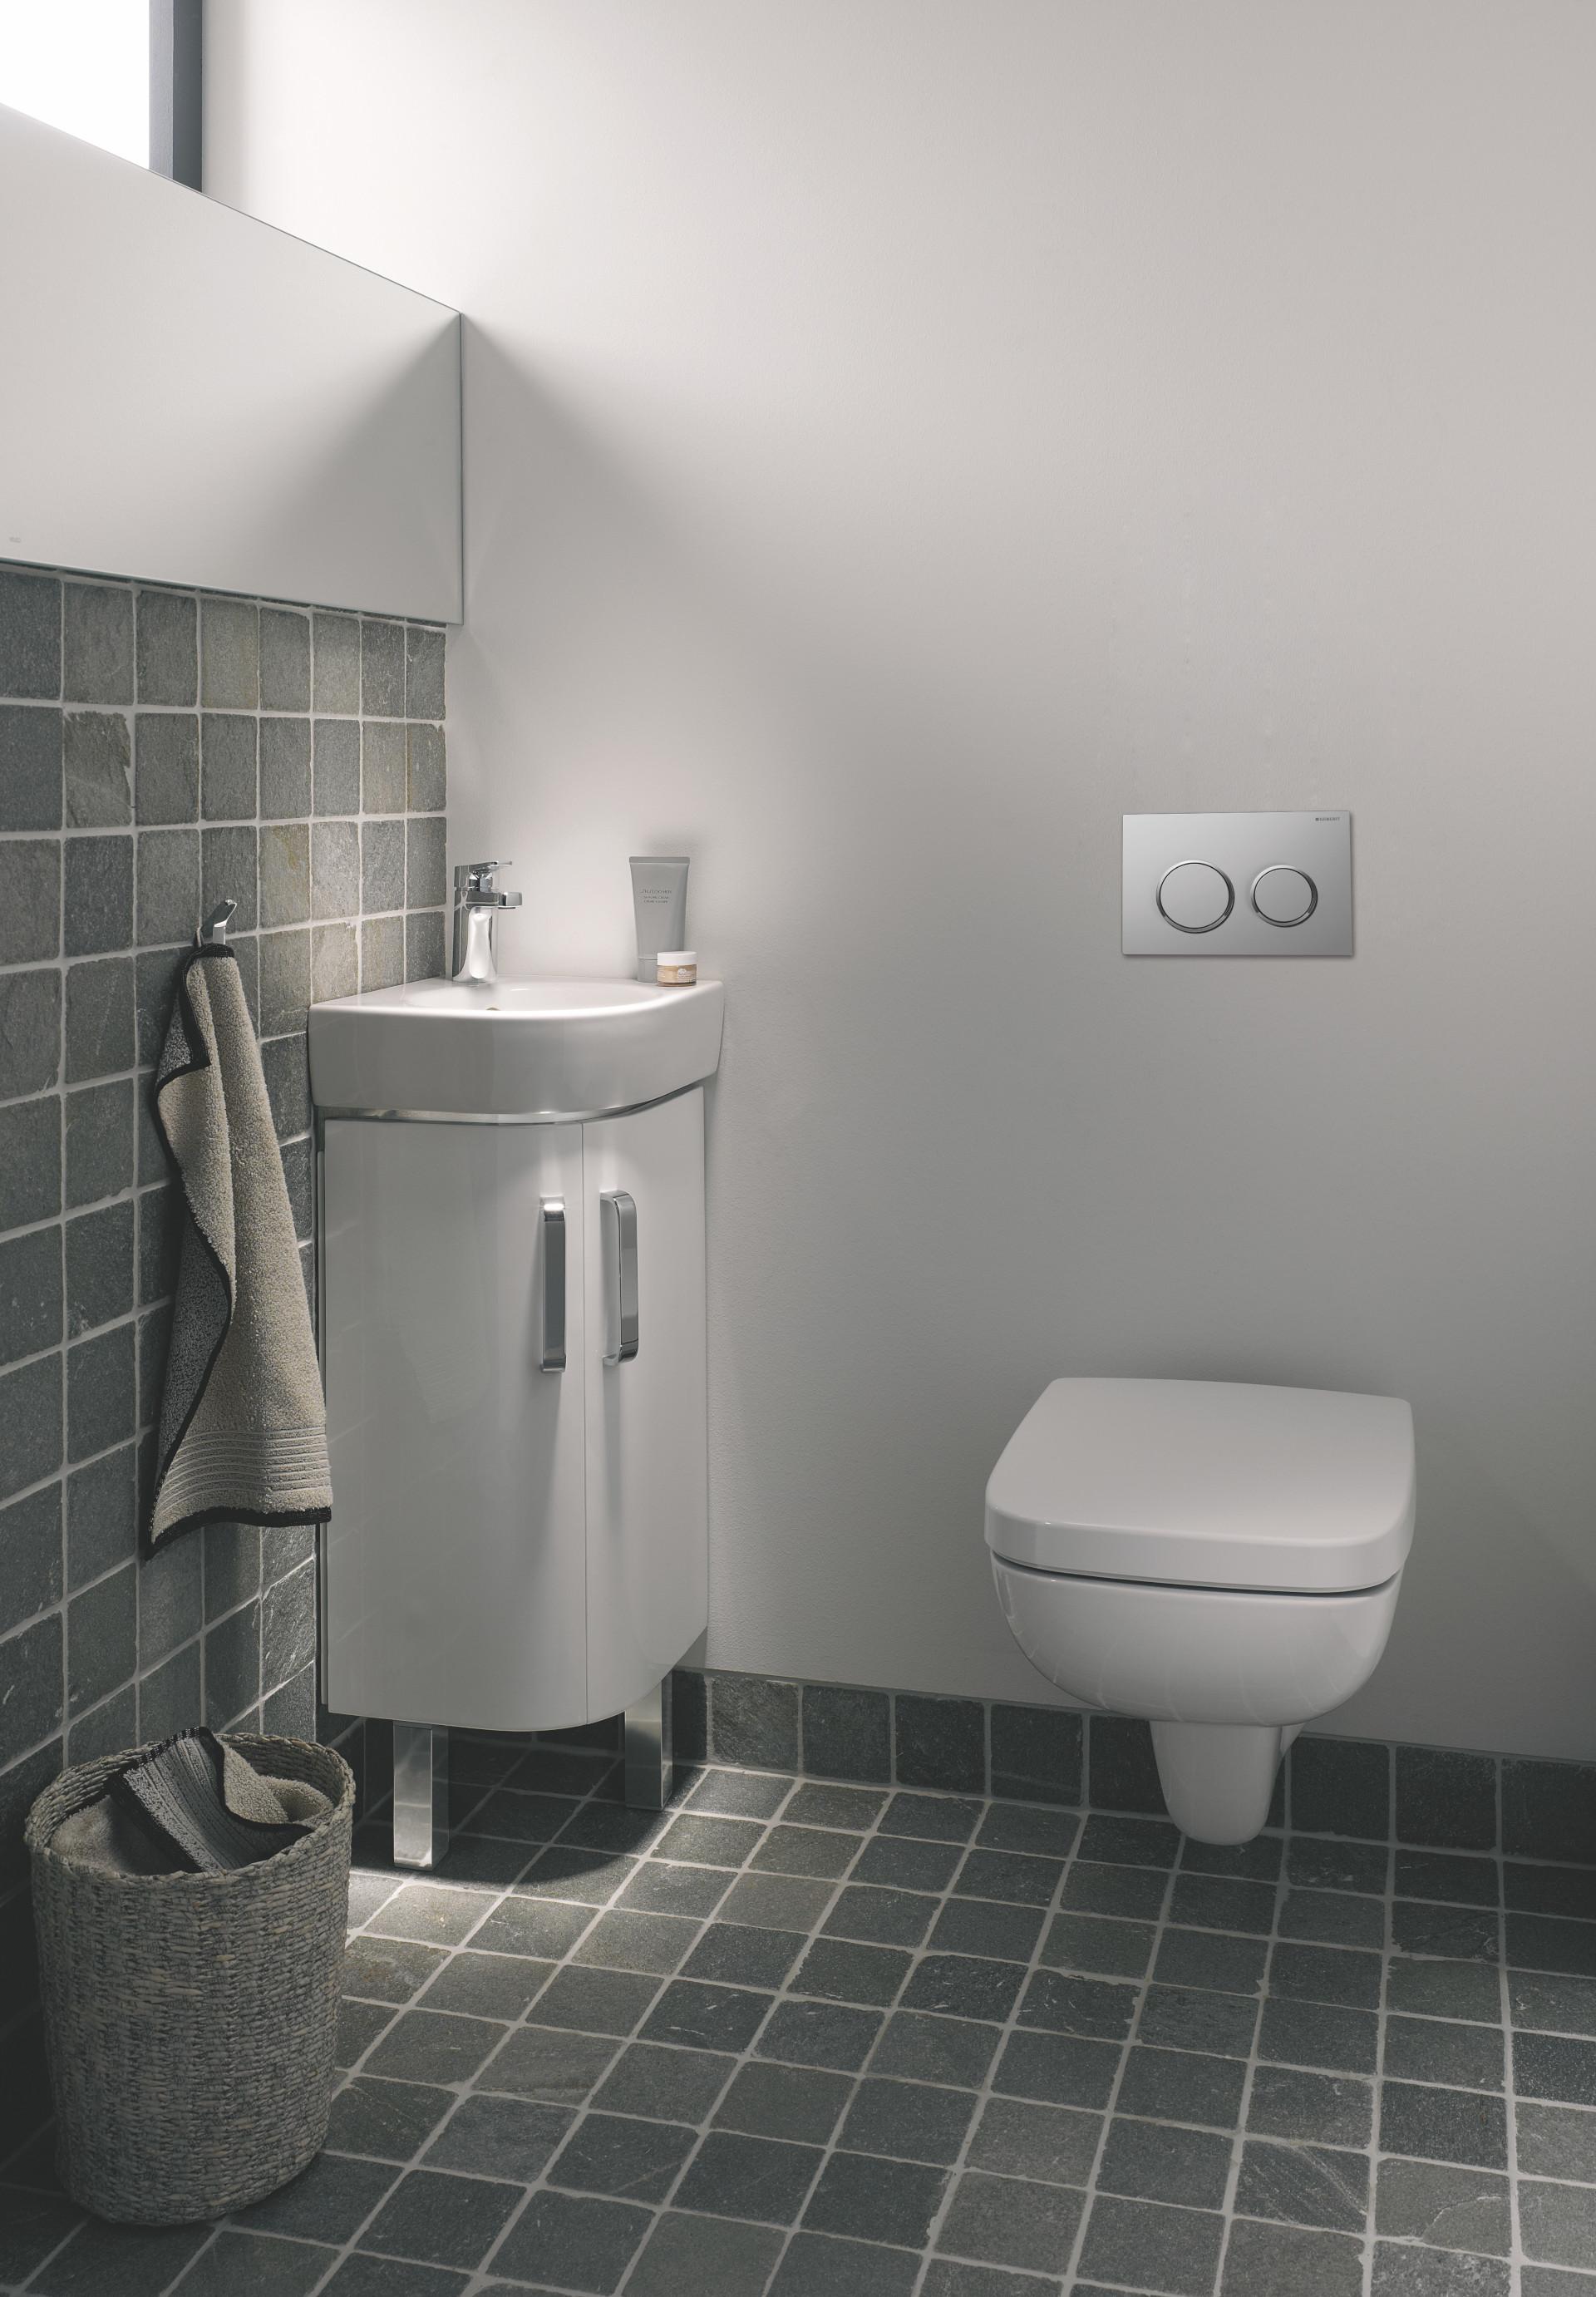 Renova Compact tarjoaa myös kulmaan sopivia allas- ja kalusteratkaisuja.